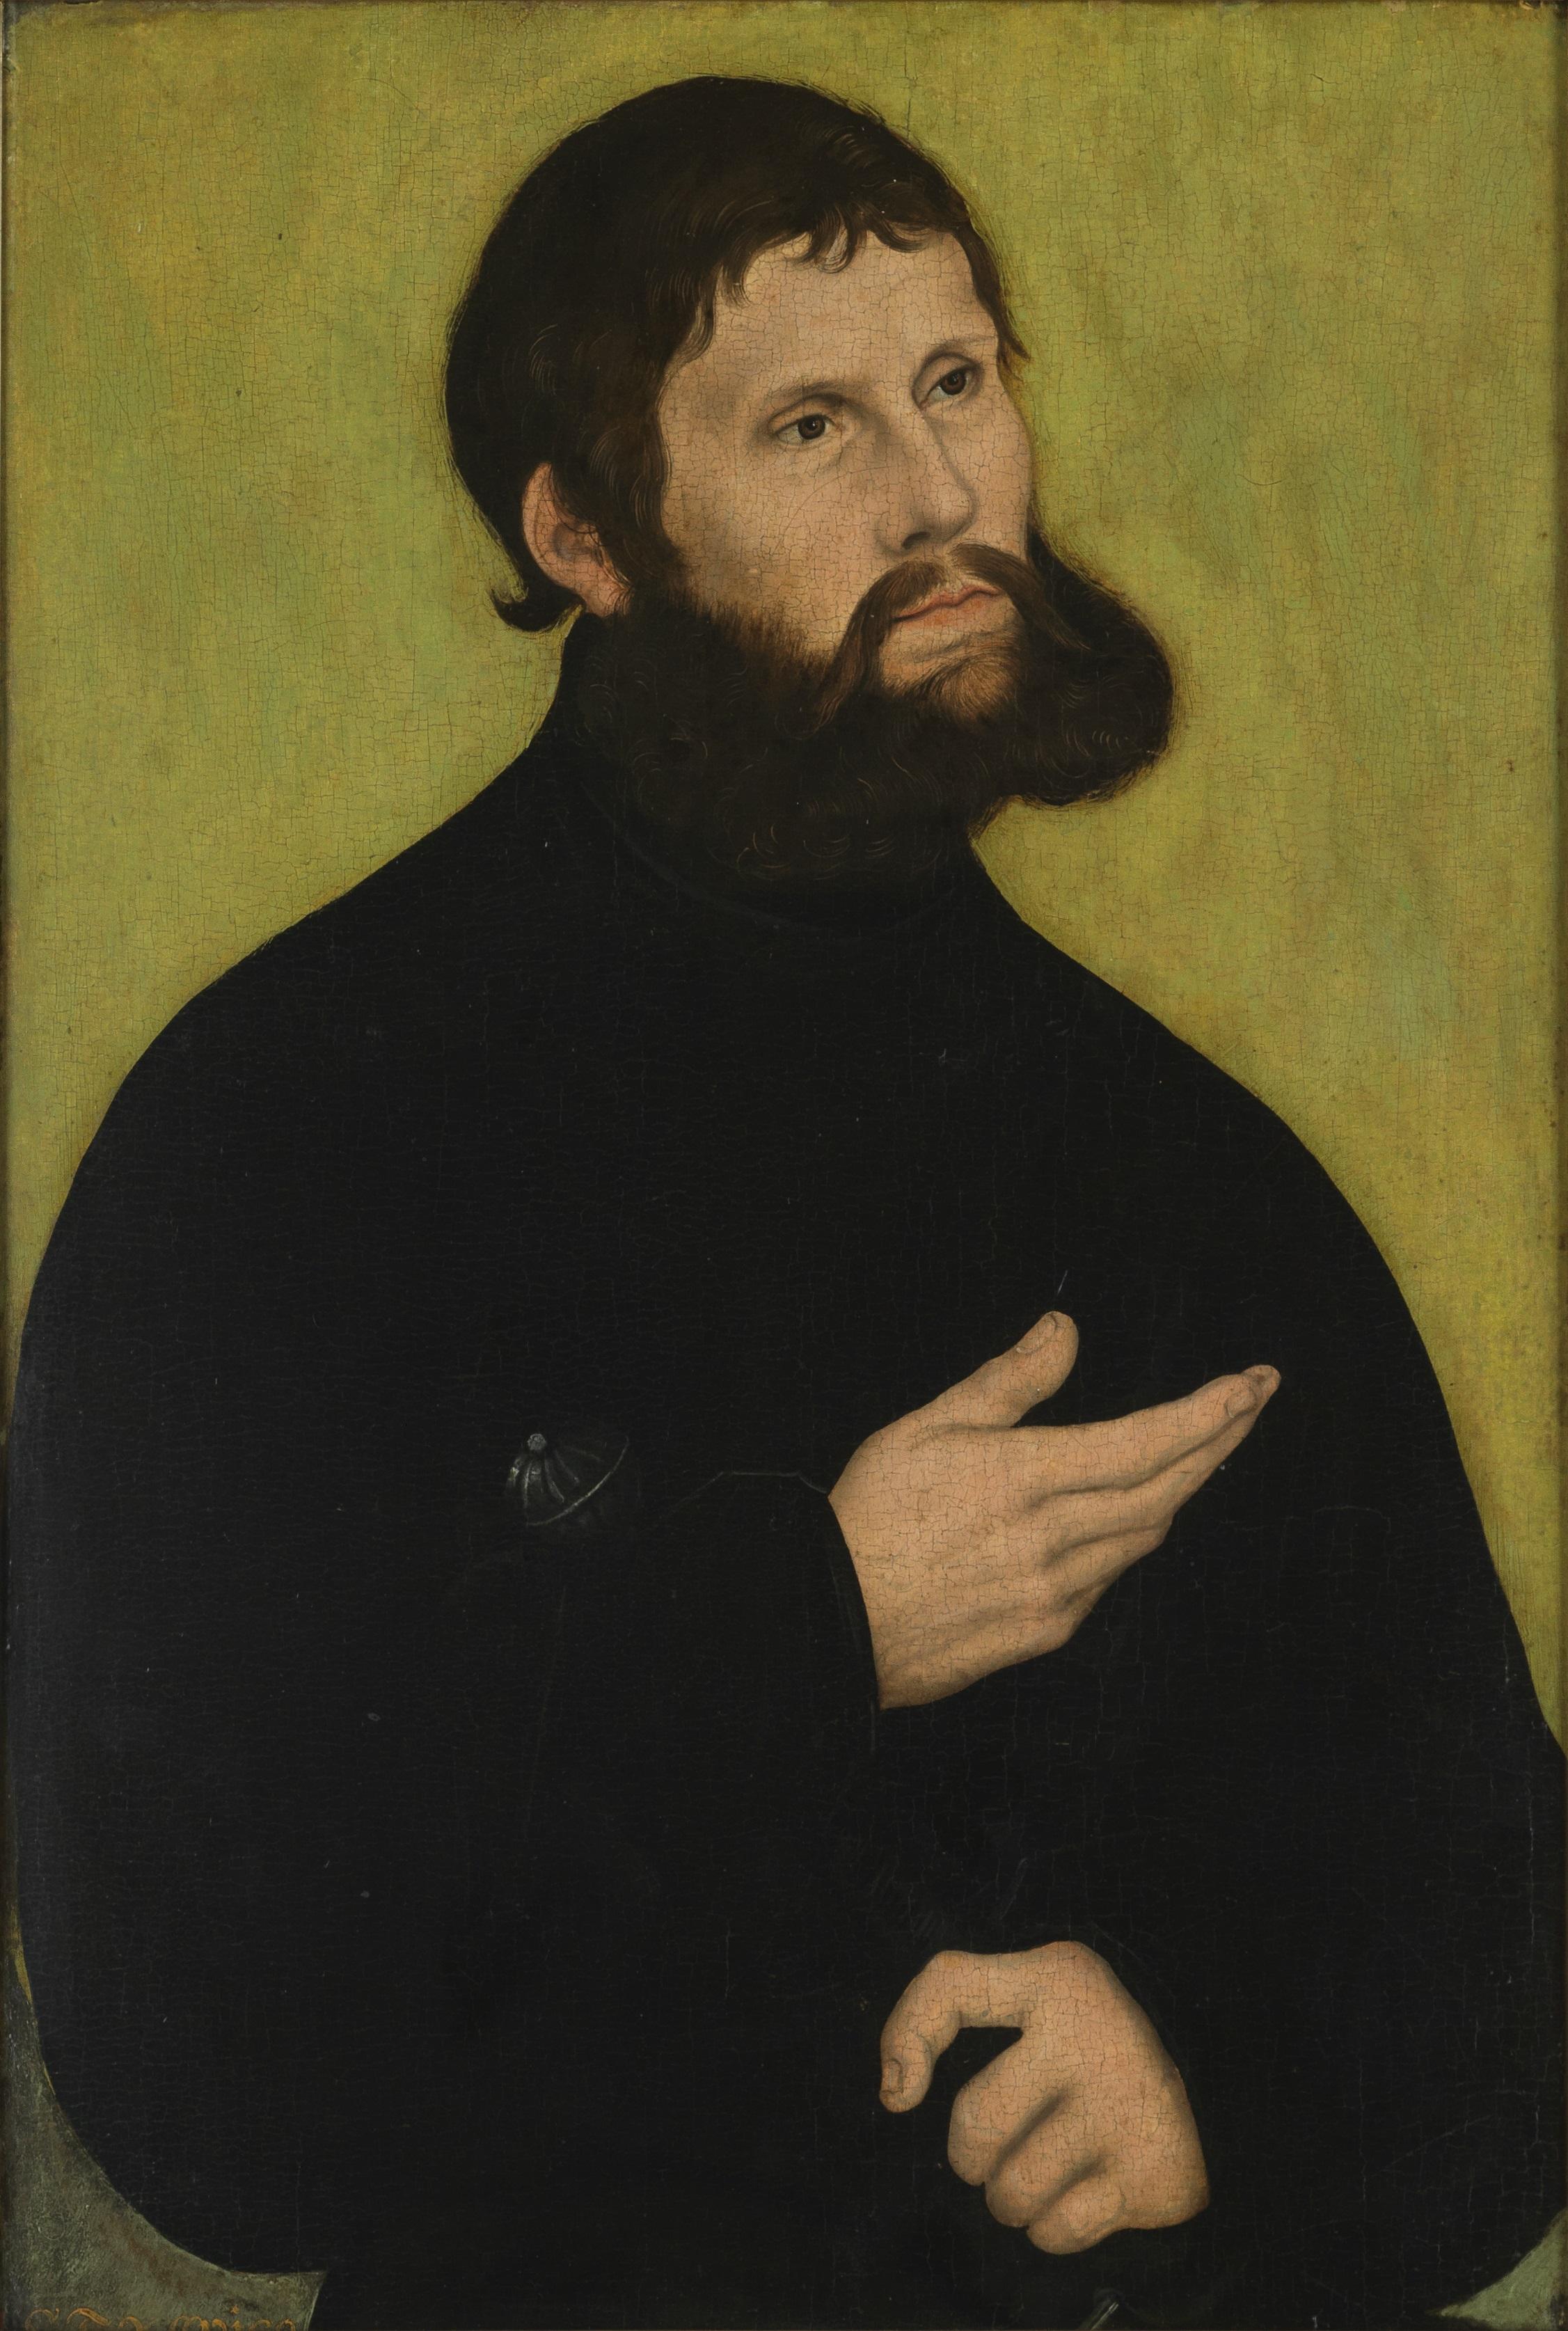 martin luther als junker jrg lucas cranach der ltere 1522 - Martin Luther Lebenslauf